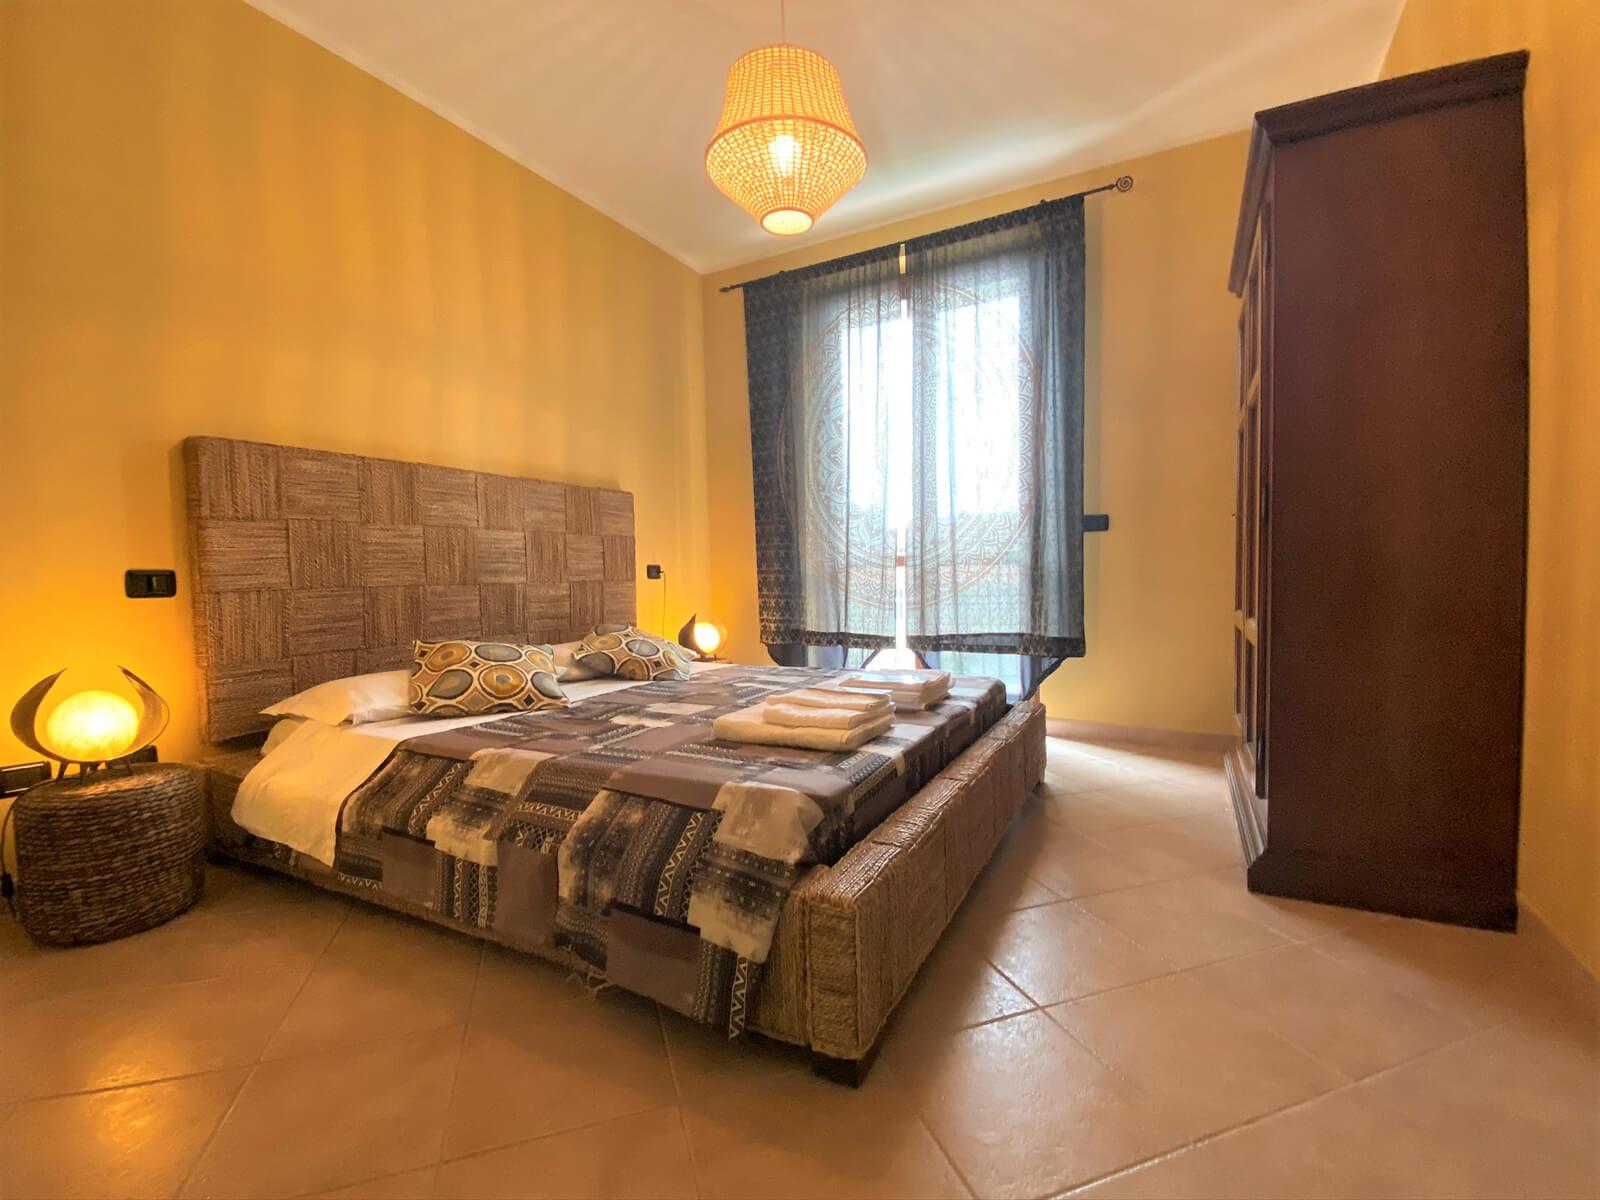 essenza-casa-vacanze-appartamento-affitto-momo-novara-lago-maggiore-8